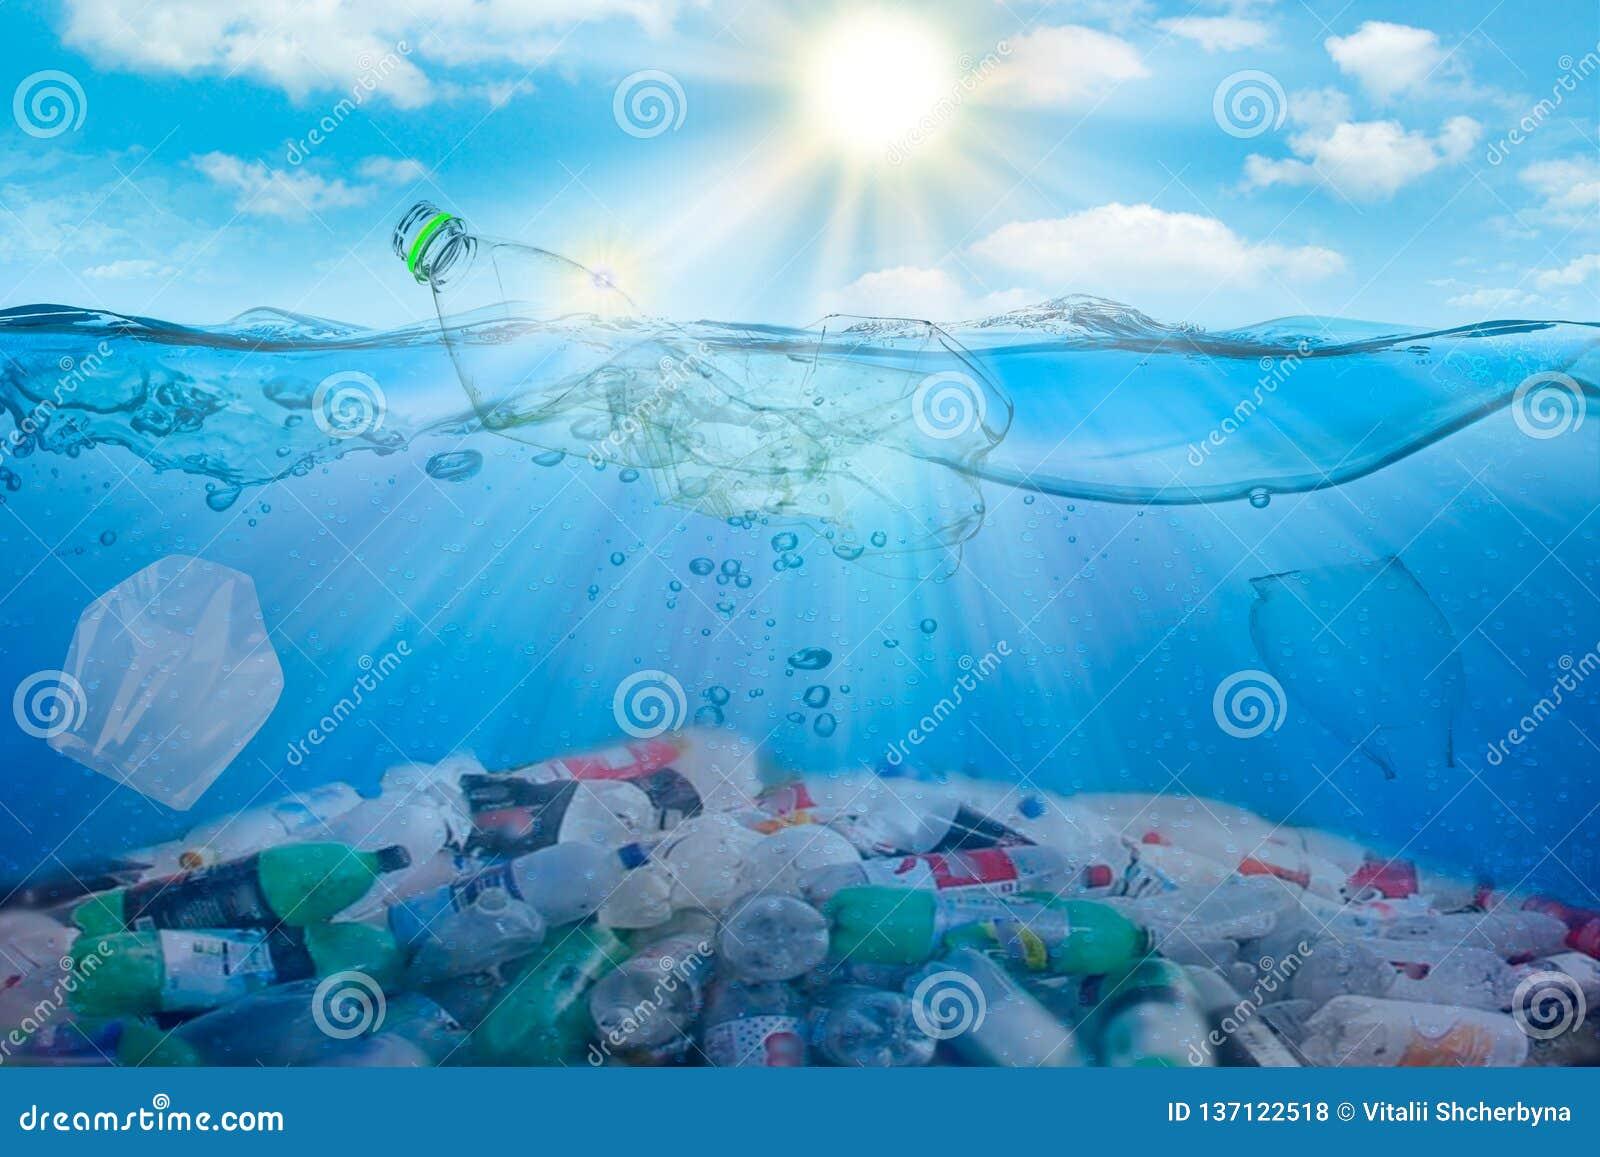 Ρύπανση των υδάτων περιβαλλοντική πλαστικό Εκτός από την έννοια οικολογίας